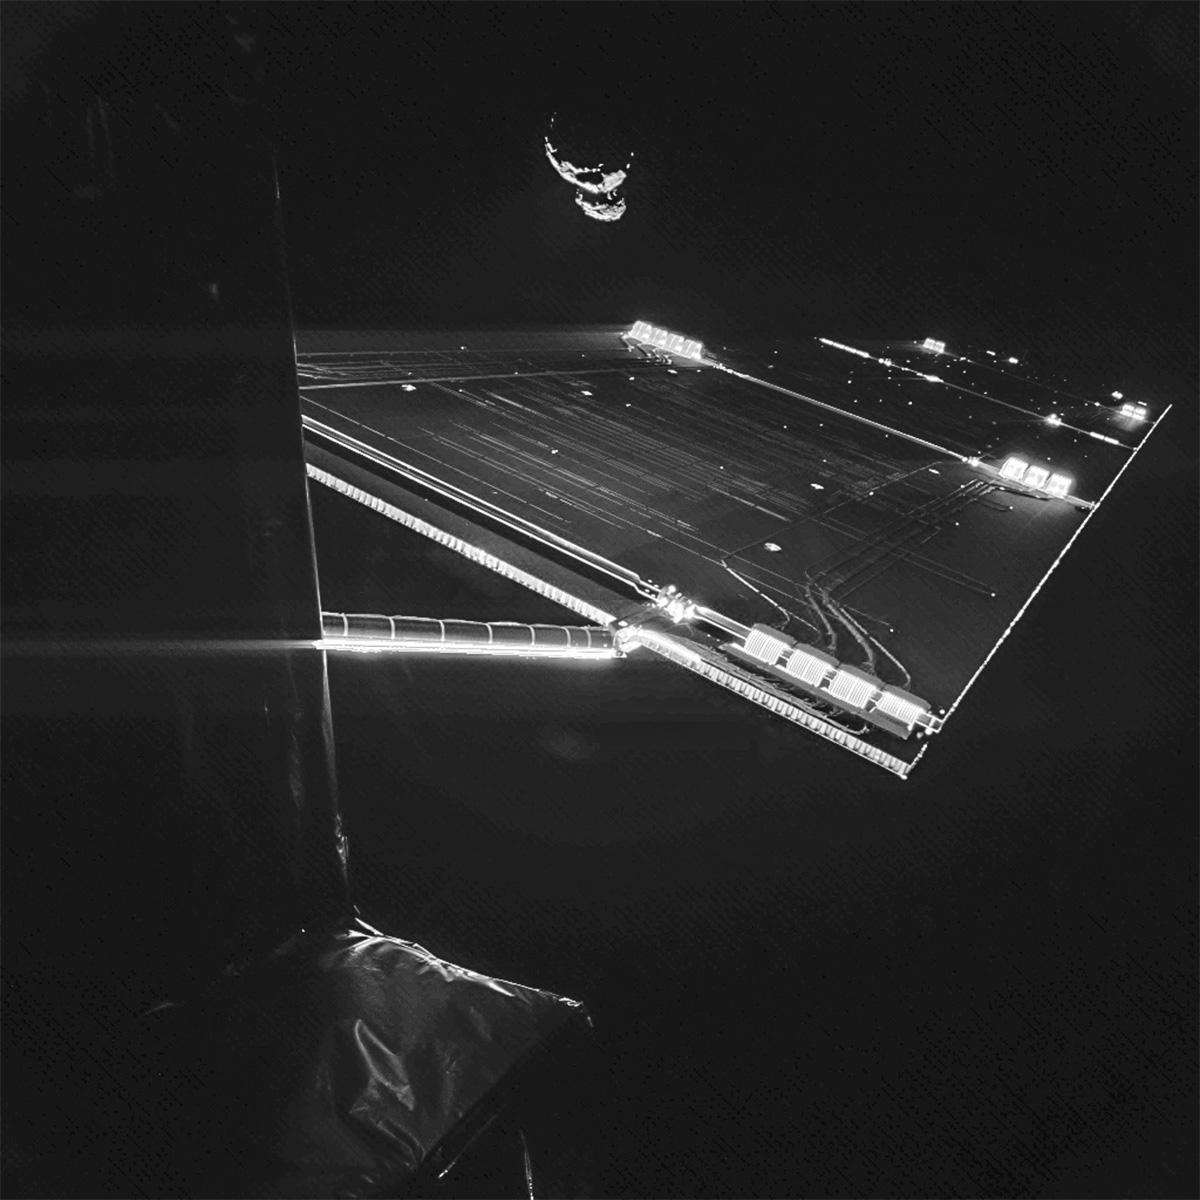 دنبالهدار 67P که در این تصویر پشت سر فضاپیما دیده میشود، در فاصله 48 کیلومتری روزتا قرار دارد. این عکس توسط کاوشگر فیلای که روی فضاپیما است گرفته شده است.